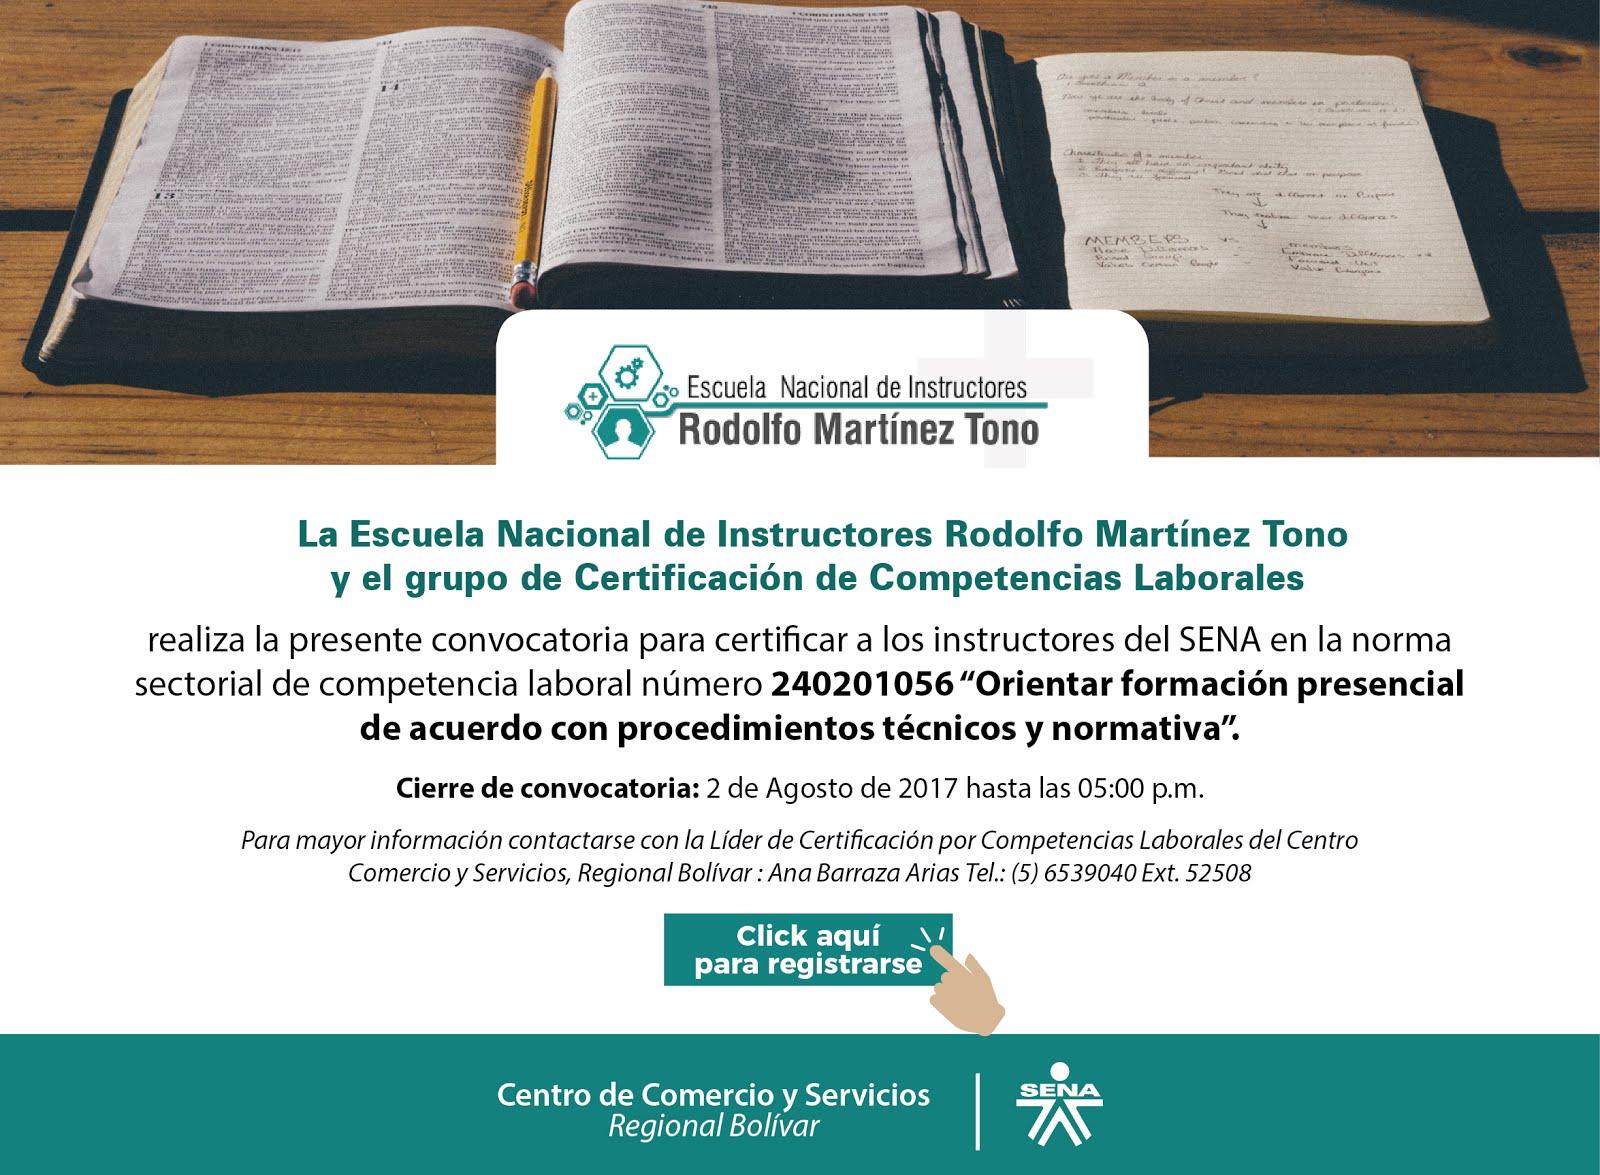 Norma Sectorial de Competencia Laboral No. 240201056